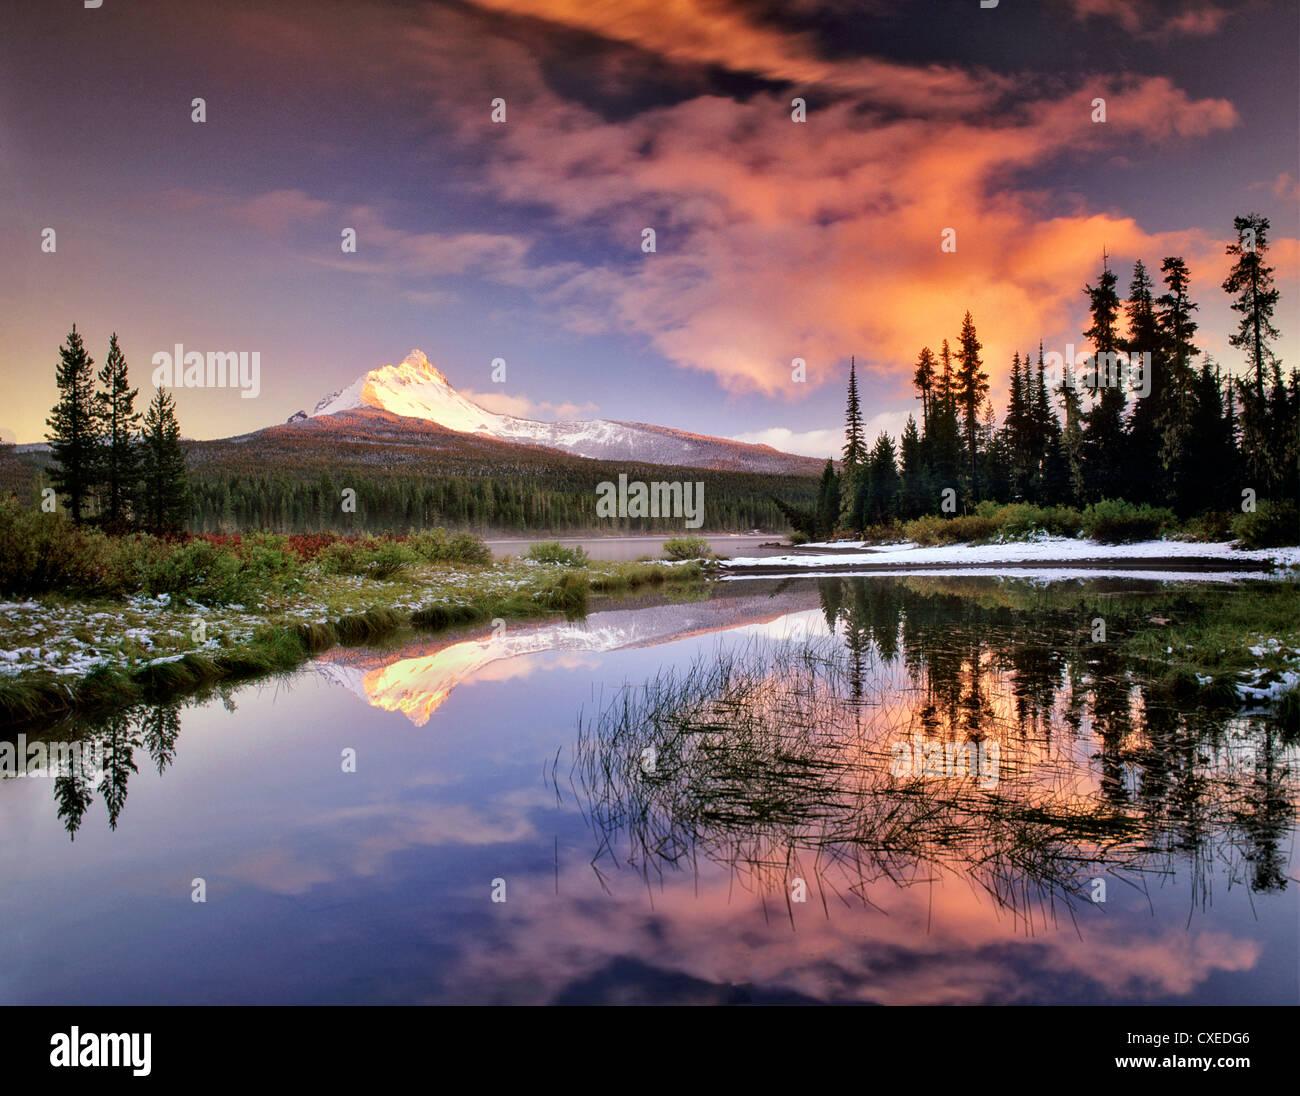 Mount Washington reflection in Big Lake. Oregon. - Stock Image